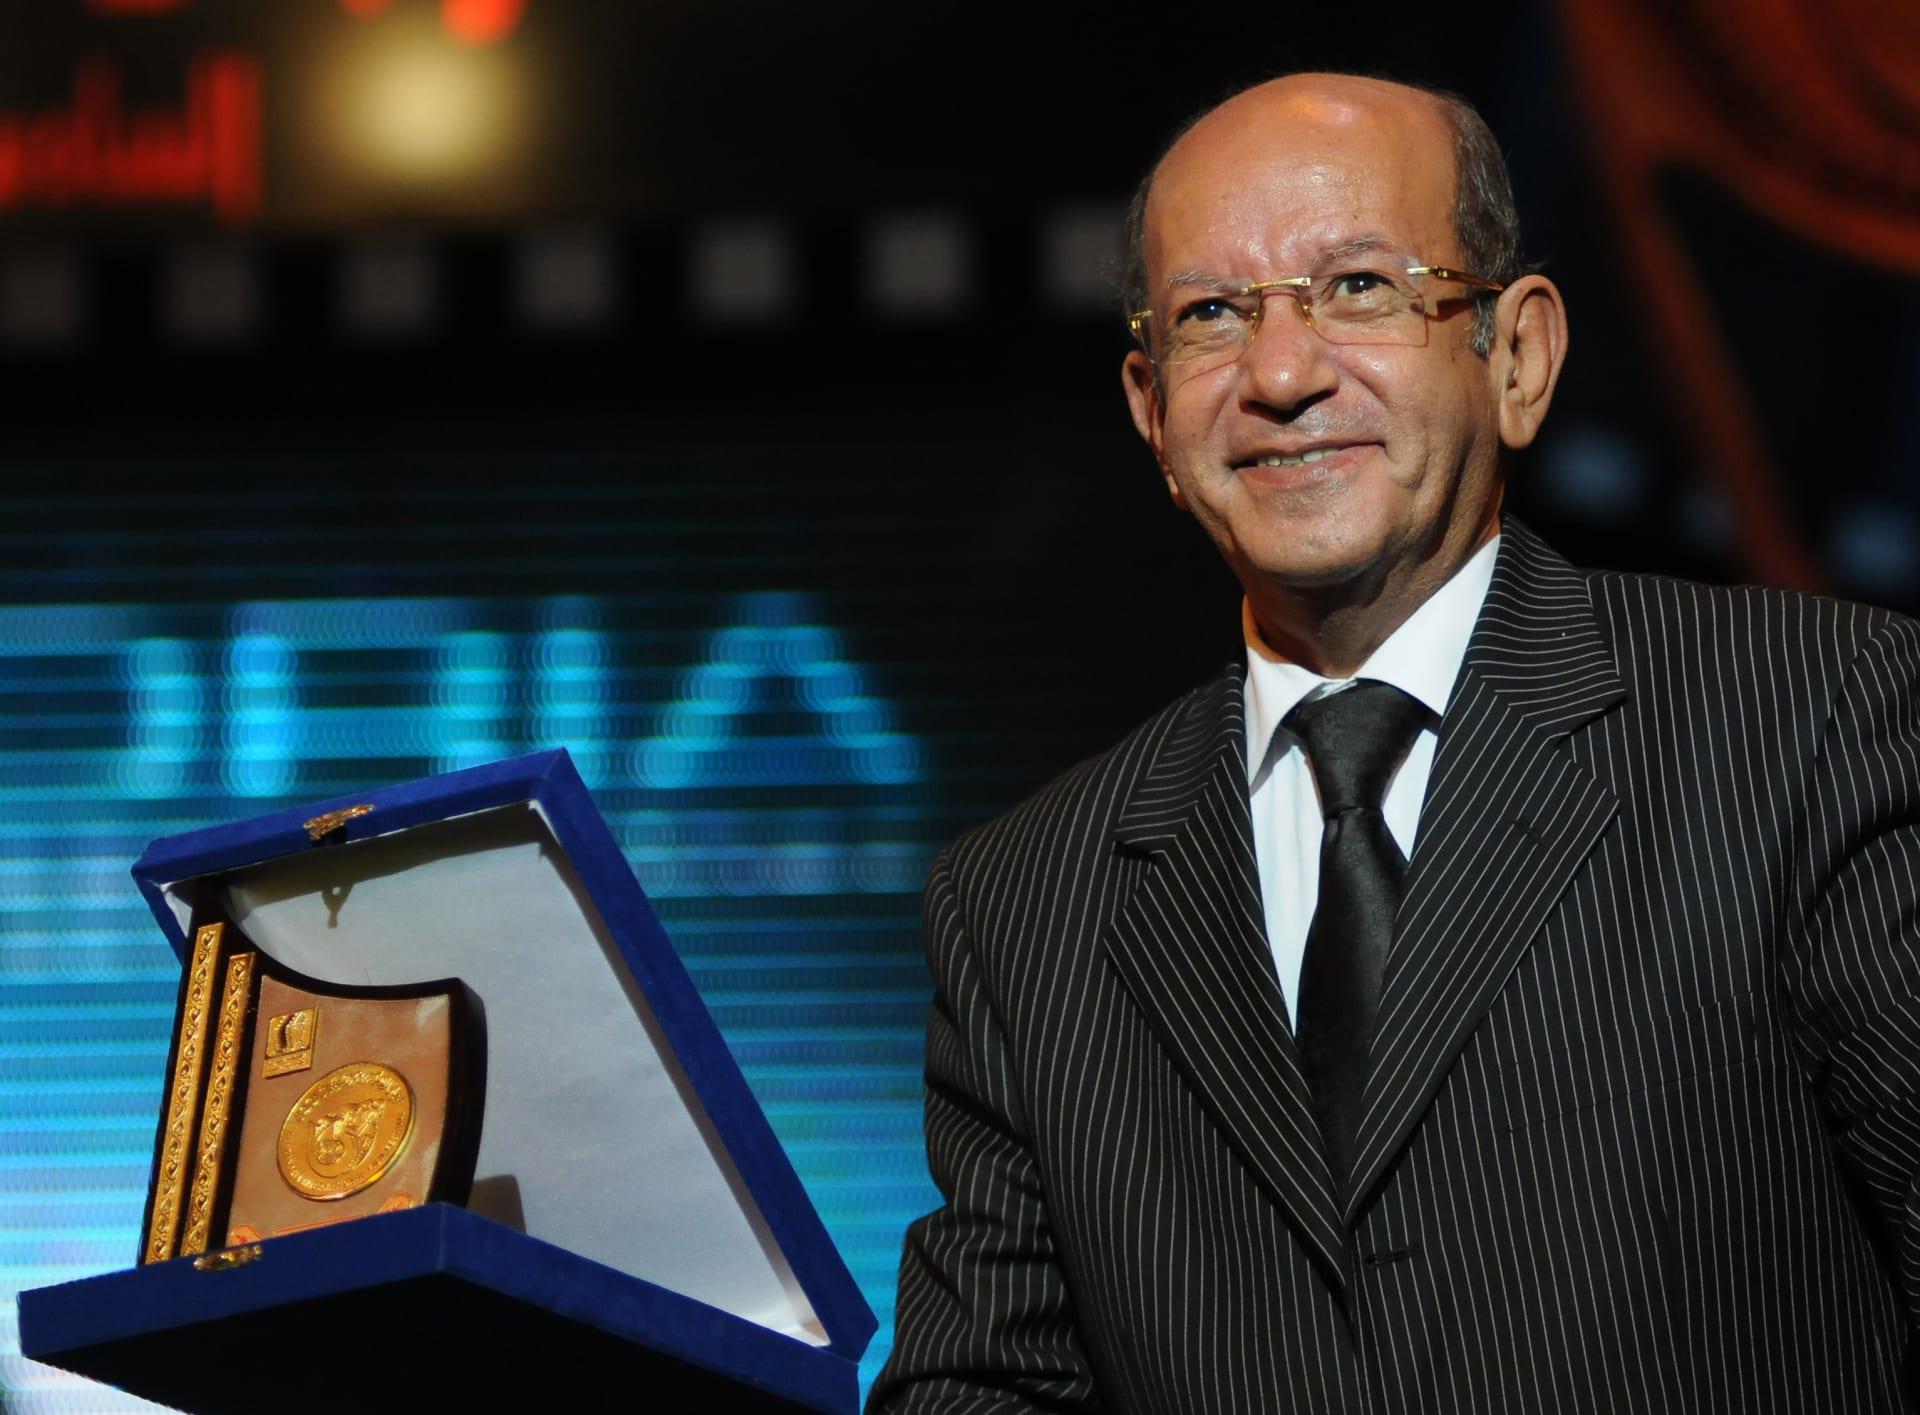 لطفي لبيب: السينما سيتغير شكلها قريبا والدراما المصرية مسيئة